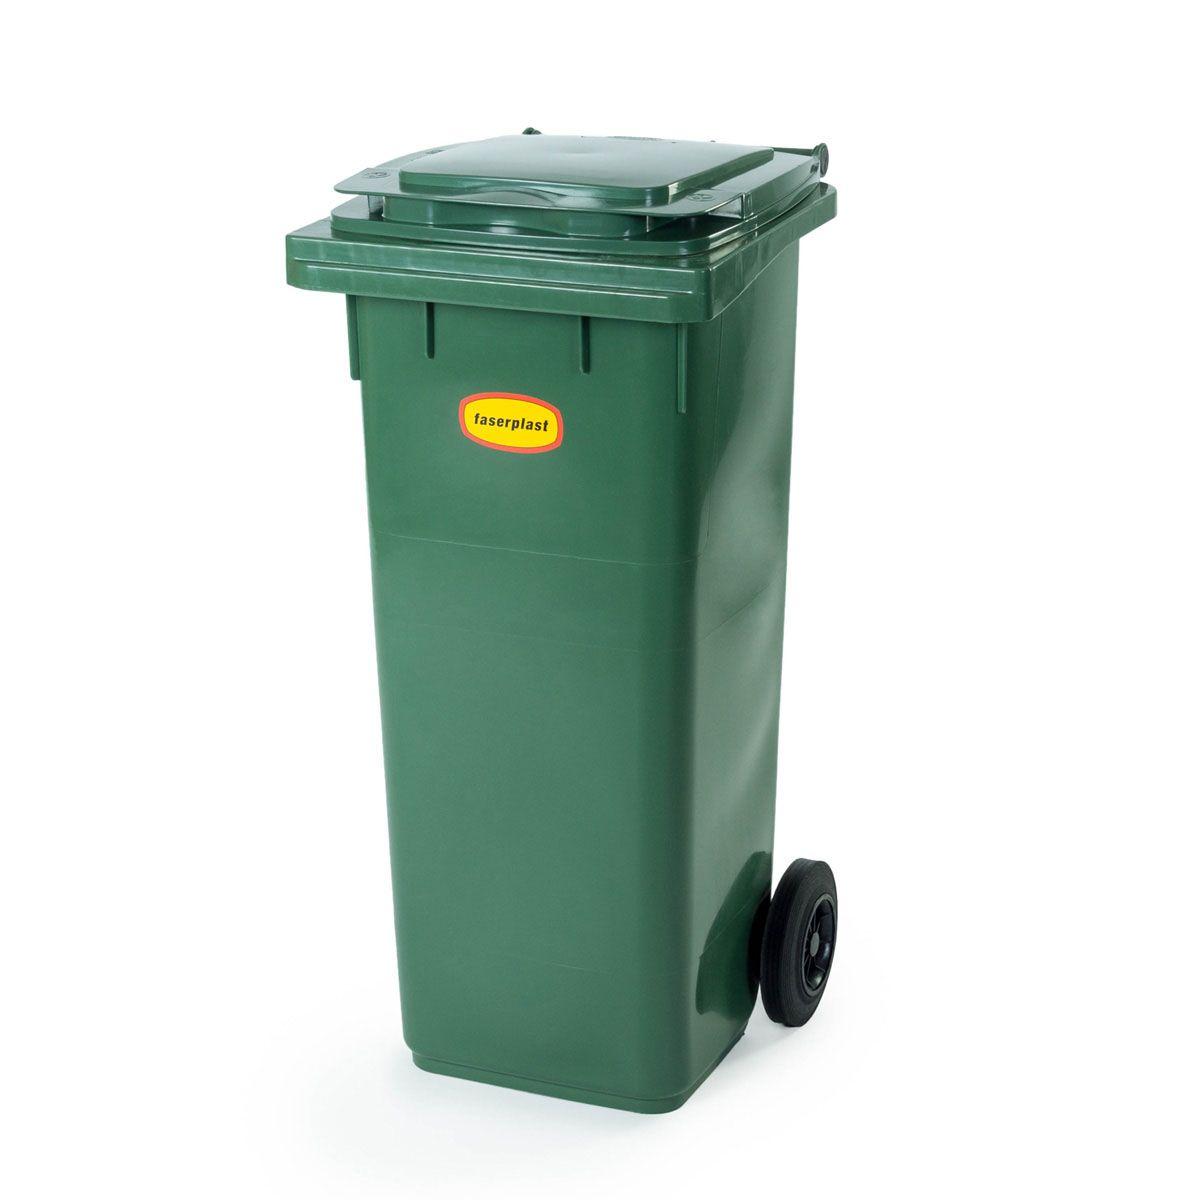 Rollabfallbehälter, aus PE-HD, grün, 140 l, 490 x 555 x 1100 mm